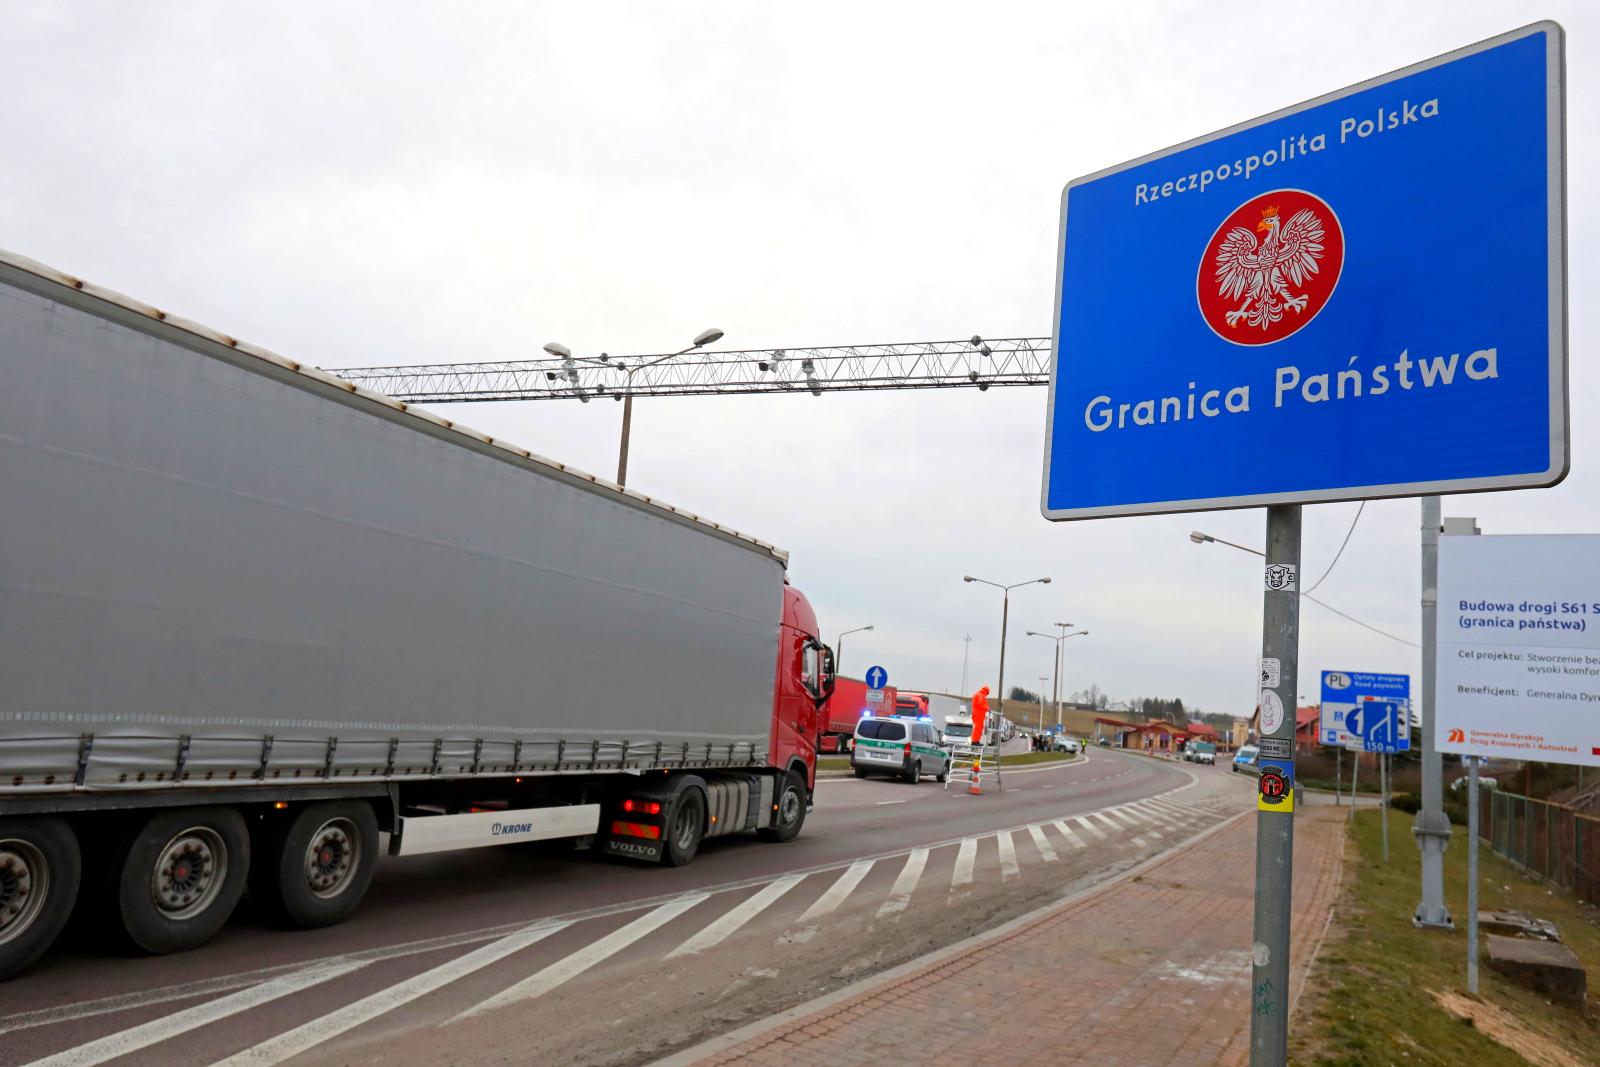 Польша открывает границы со странами ЕС